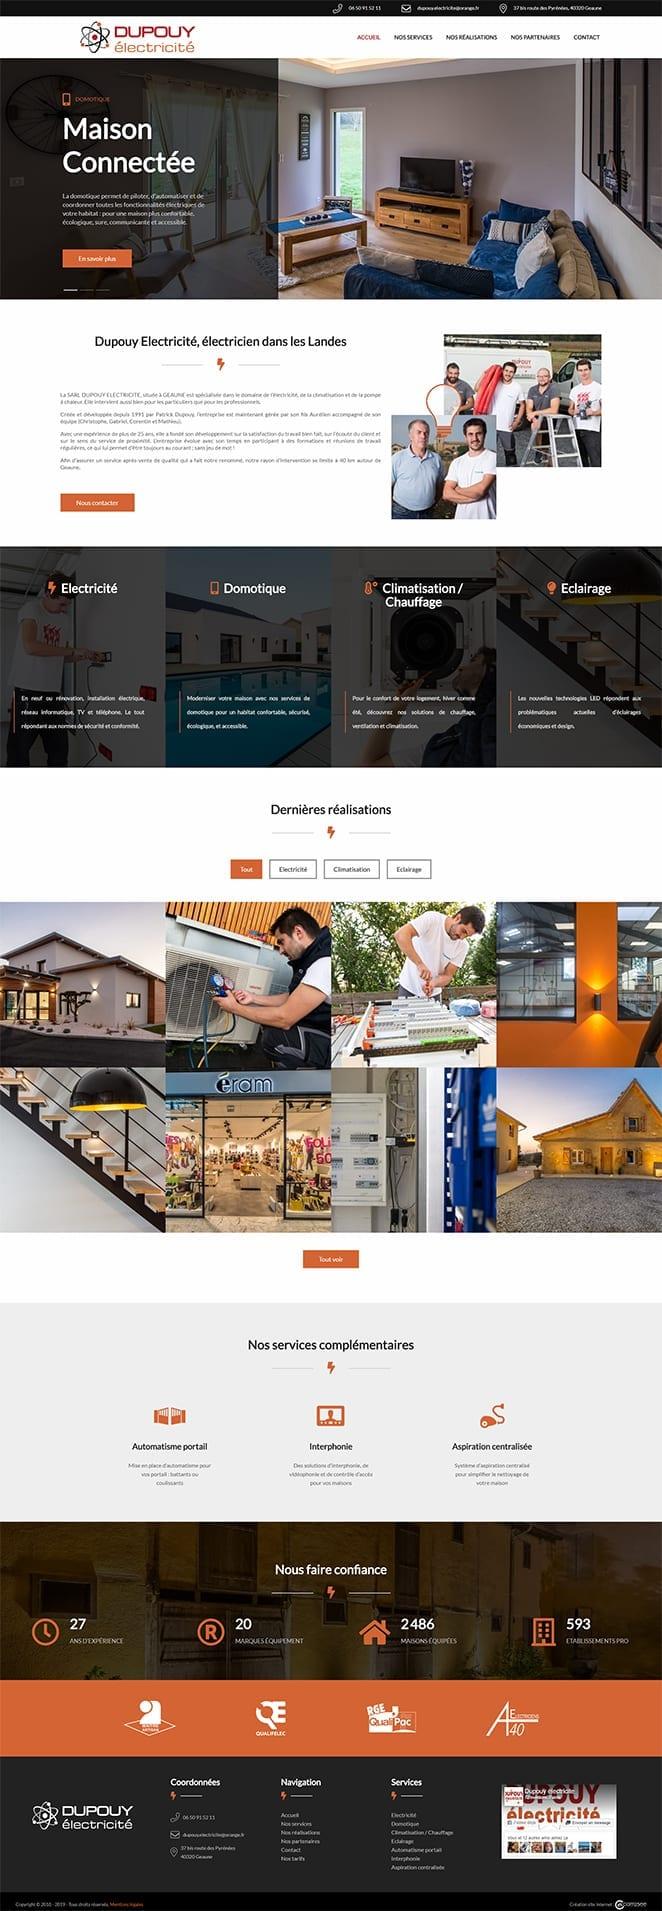 Site internet et Logo : Dupouy Electricité